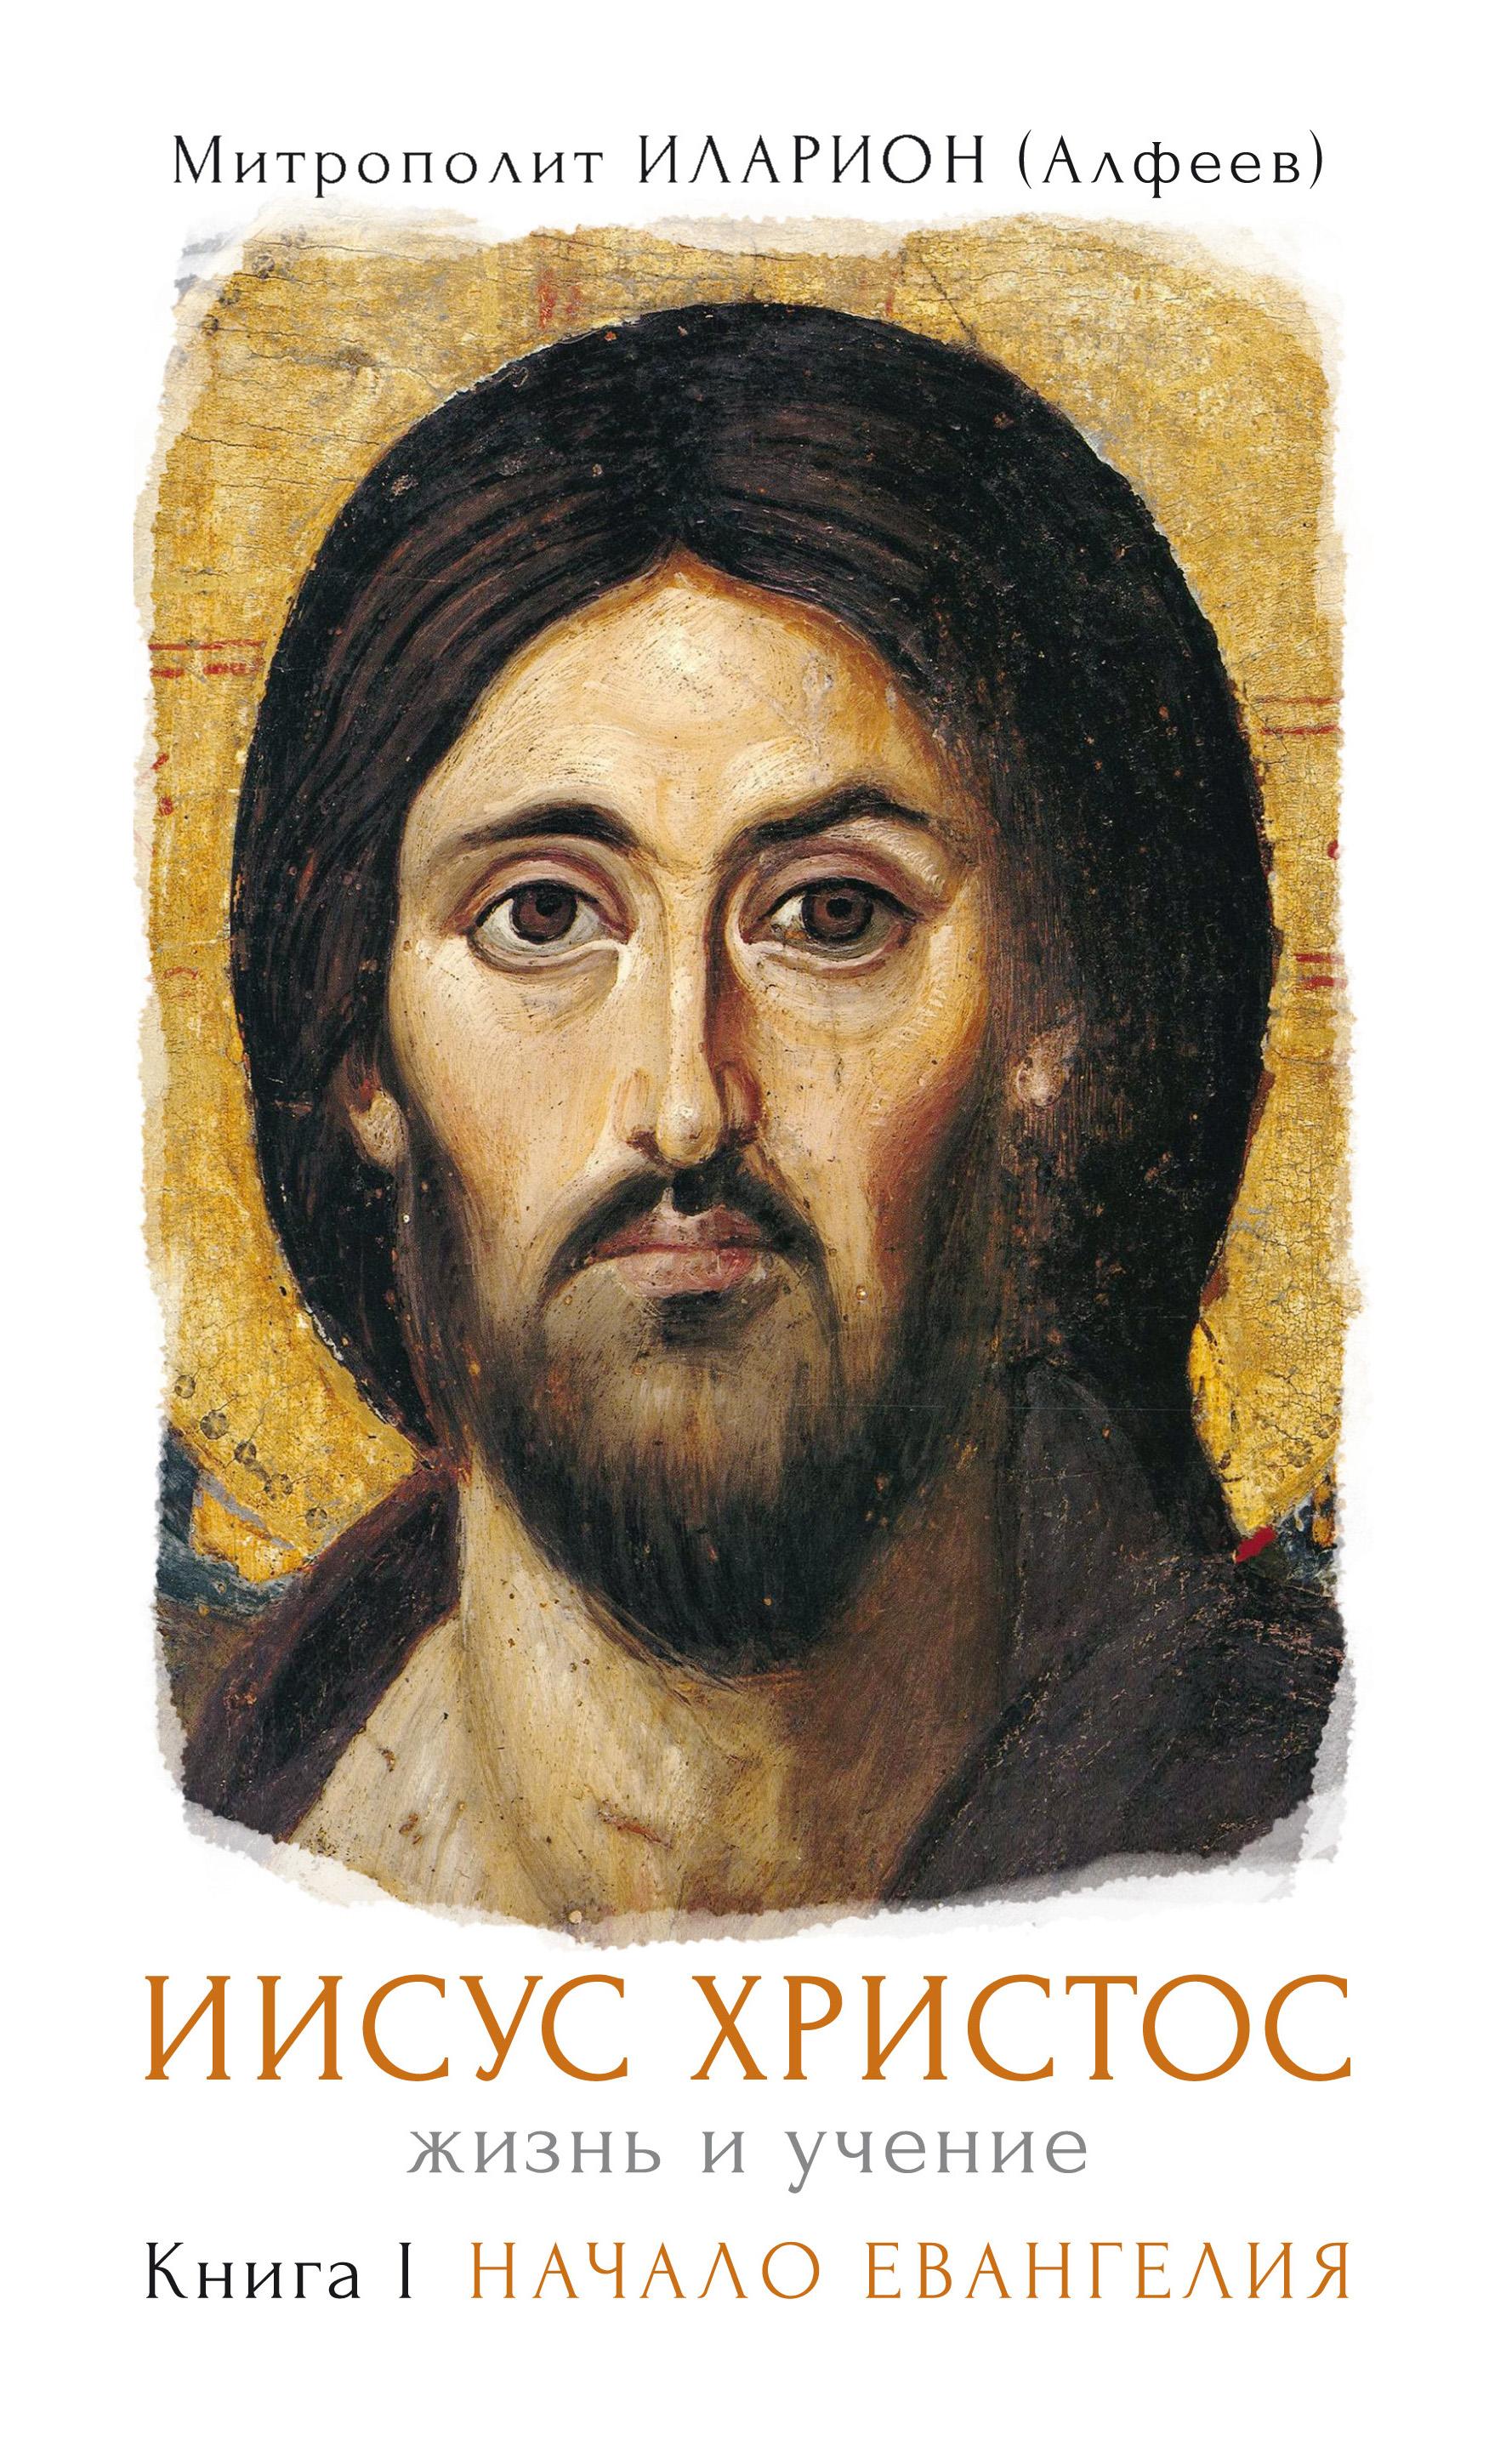 митрополит Иларион (Алфеев) Иисус Христос. Жизнь и учение. Книга I. Начало Евангелия цена и фото